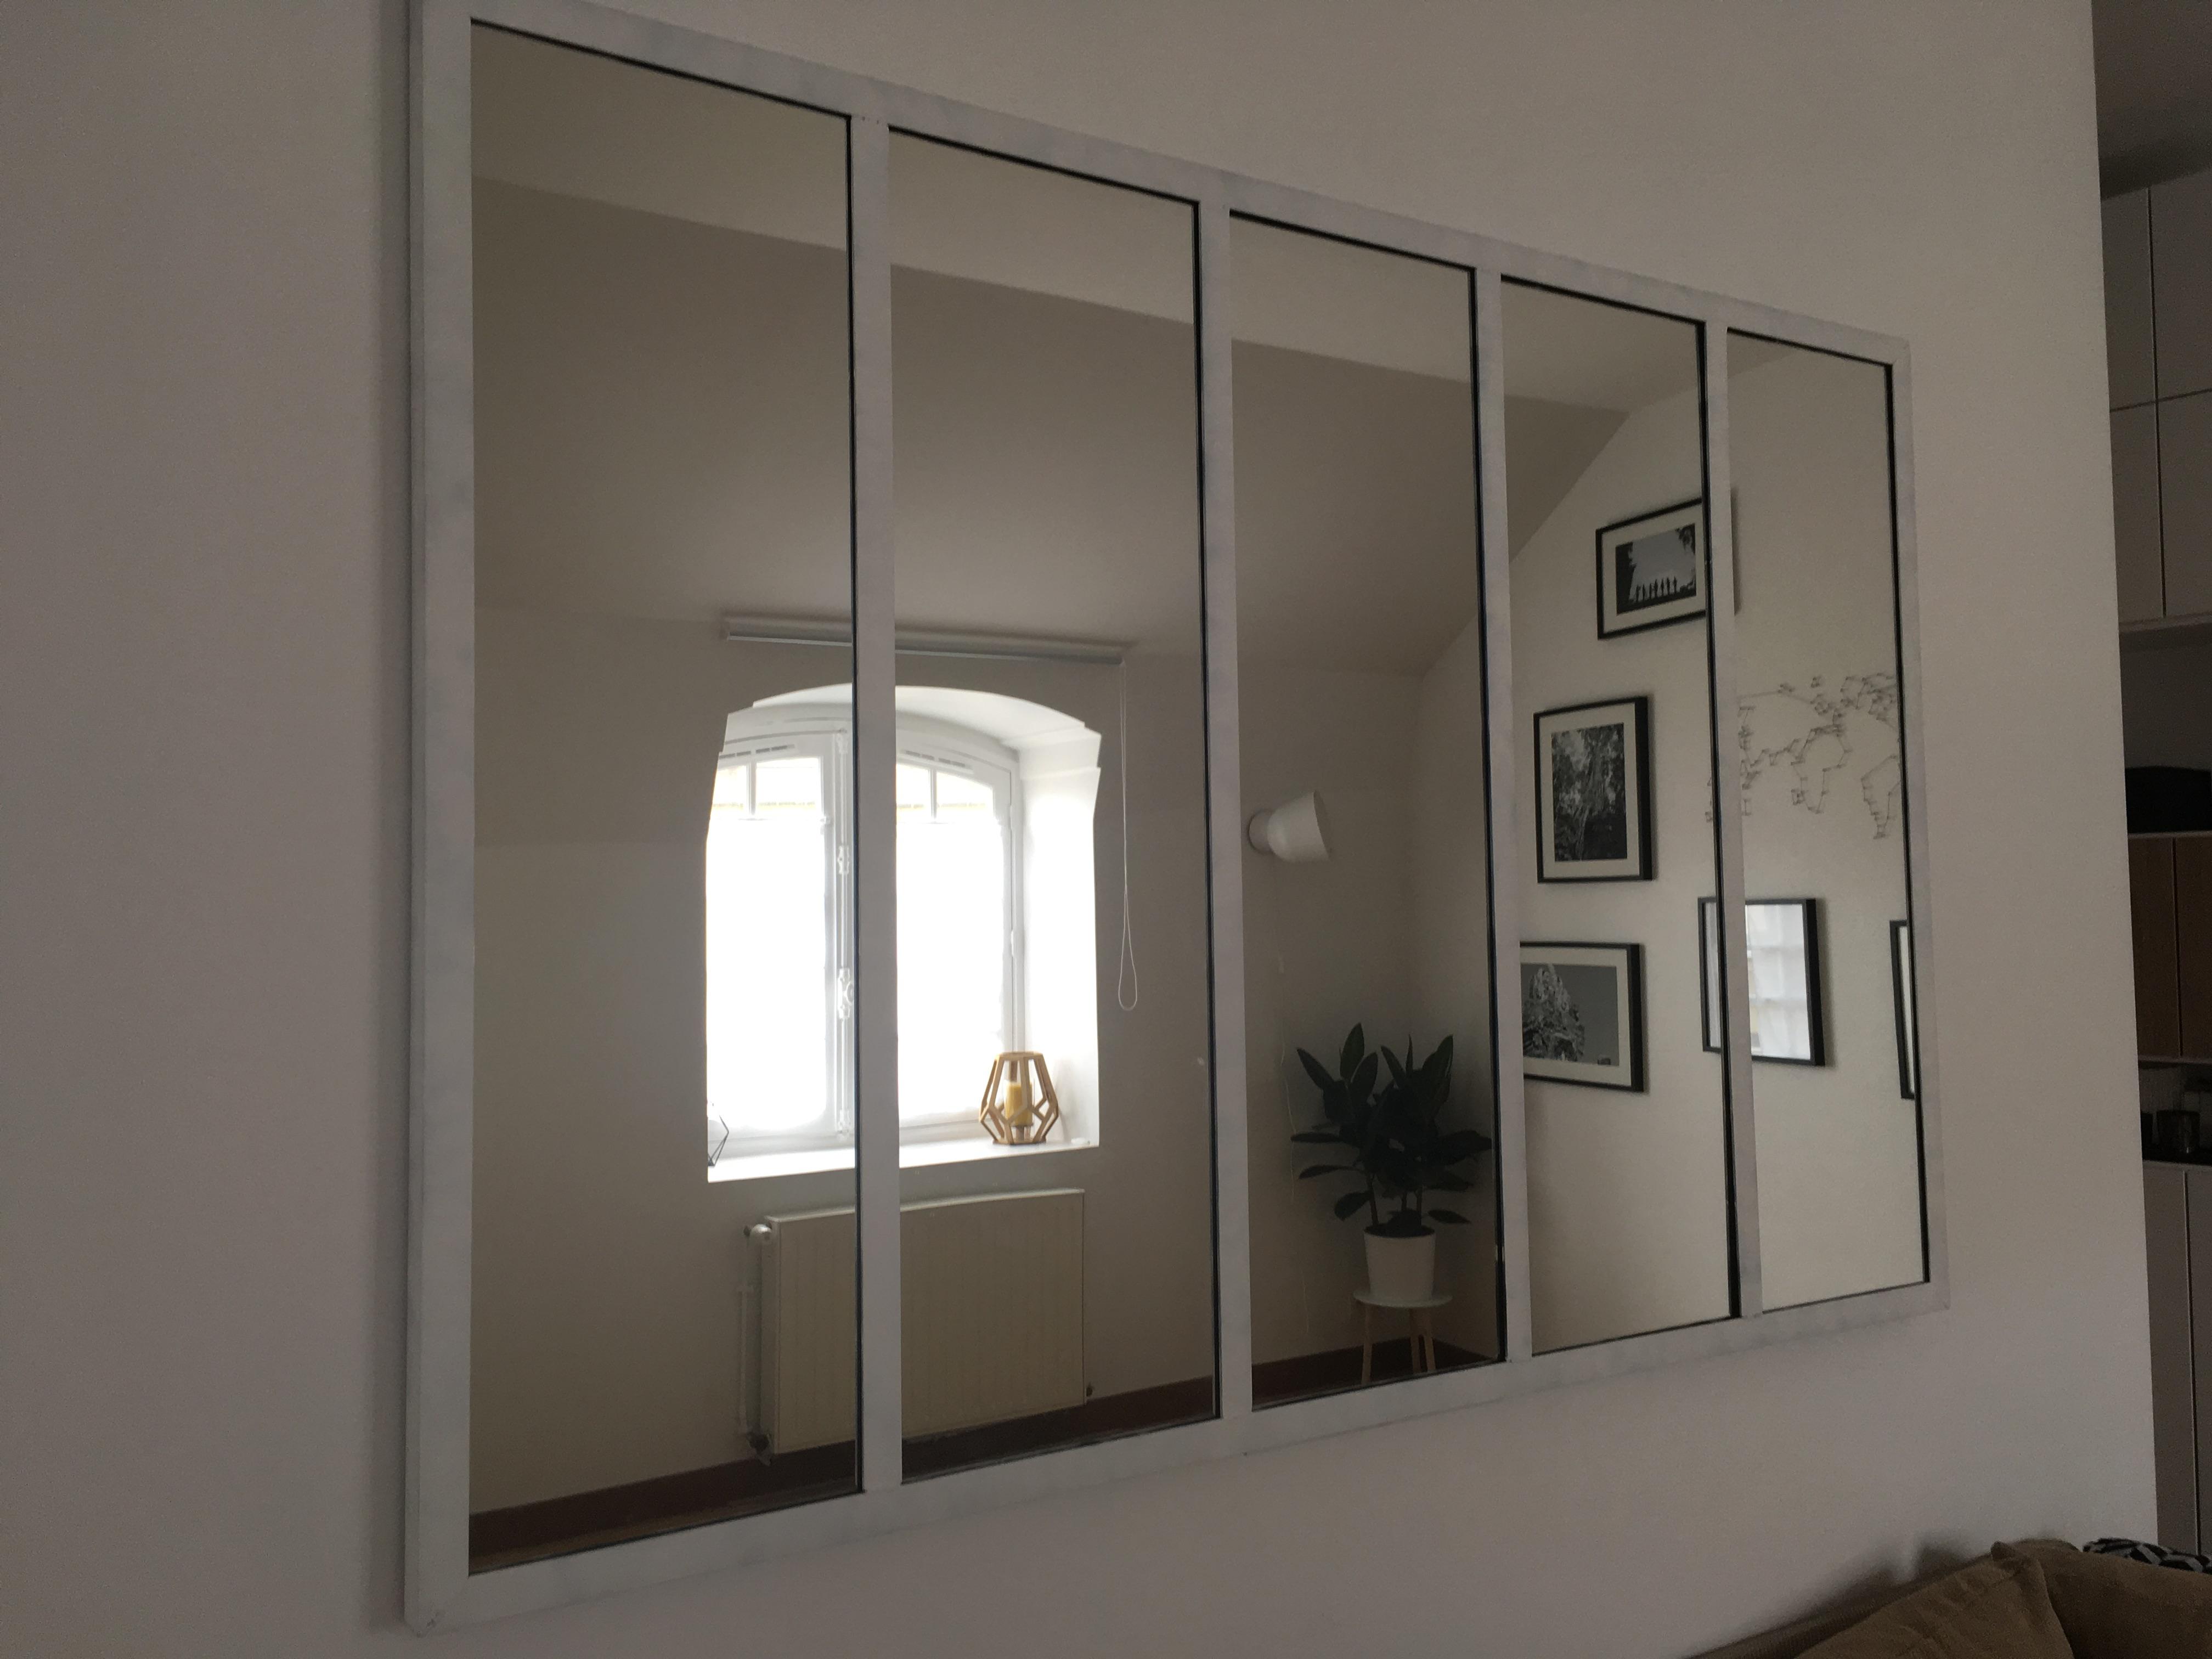 miroir style industriel maison et deco miroirs par. Black Bedroom Furniture Sets. Home Design Ideas